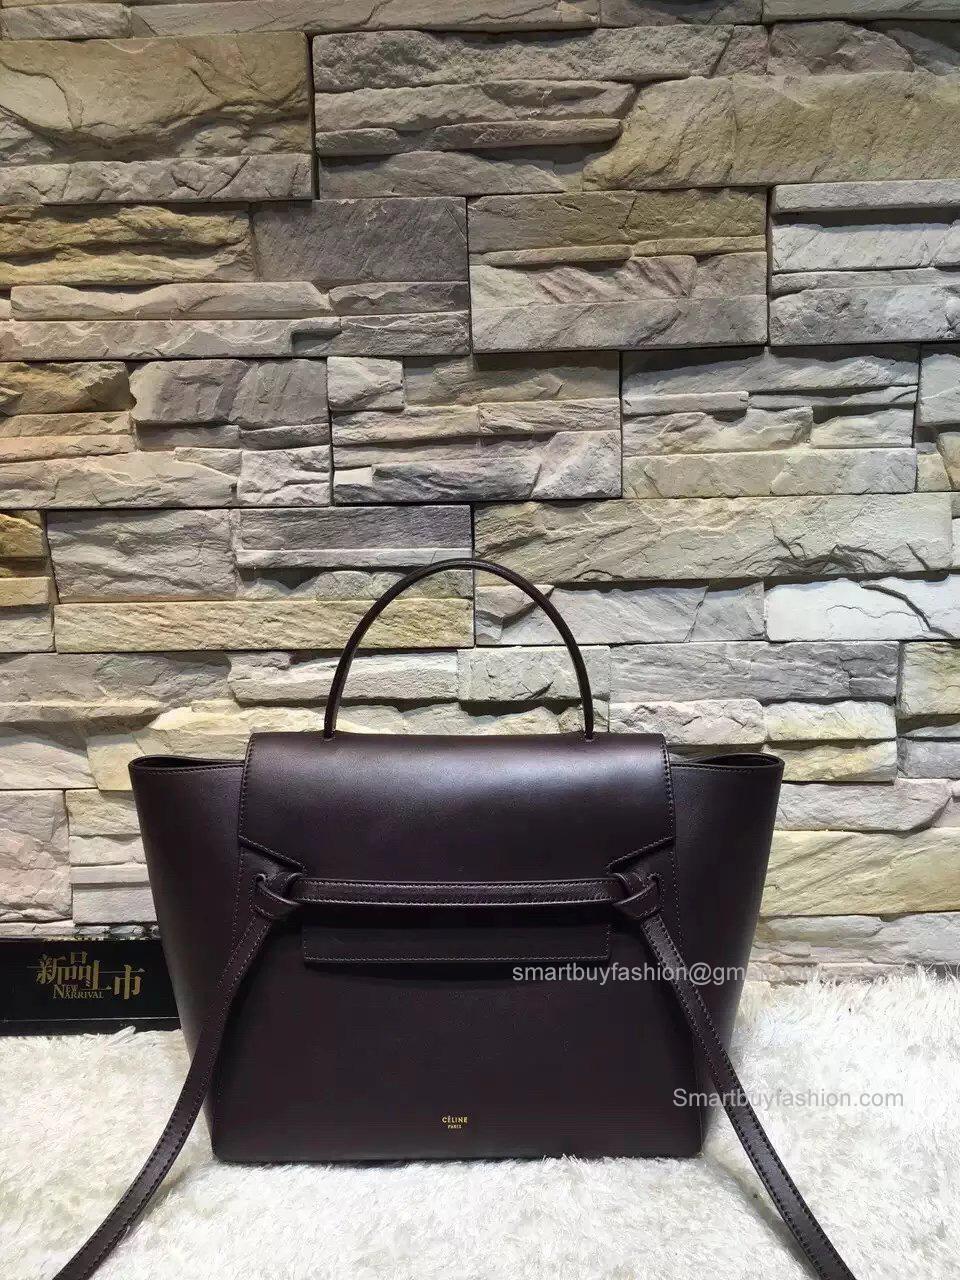 301772b34e63 ... Replica Celine Mini Belt Bag in Burgundy Calfskin